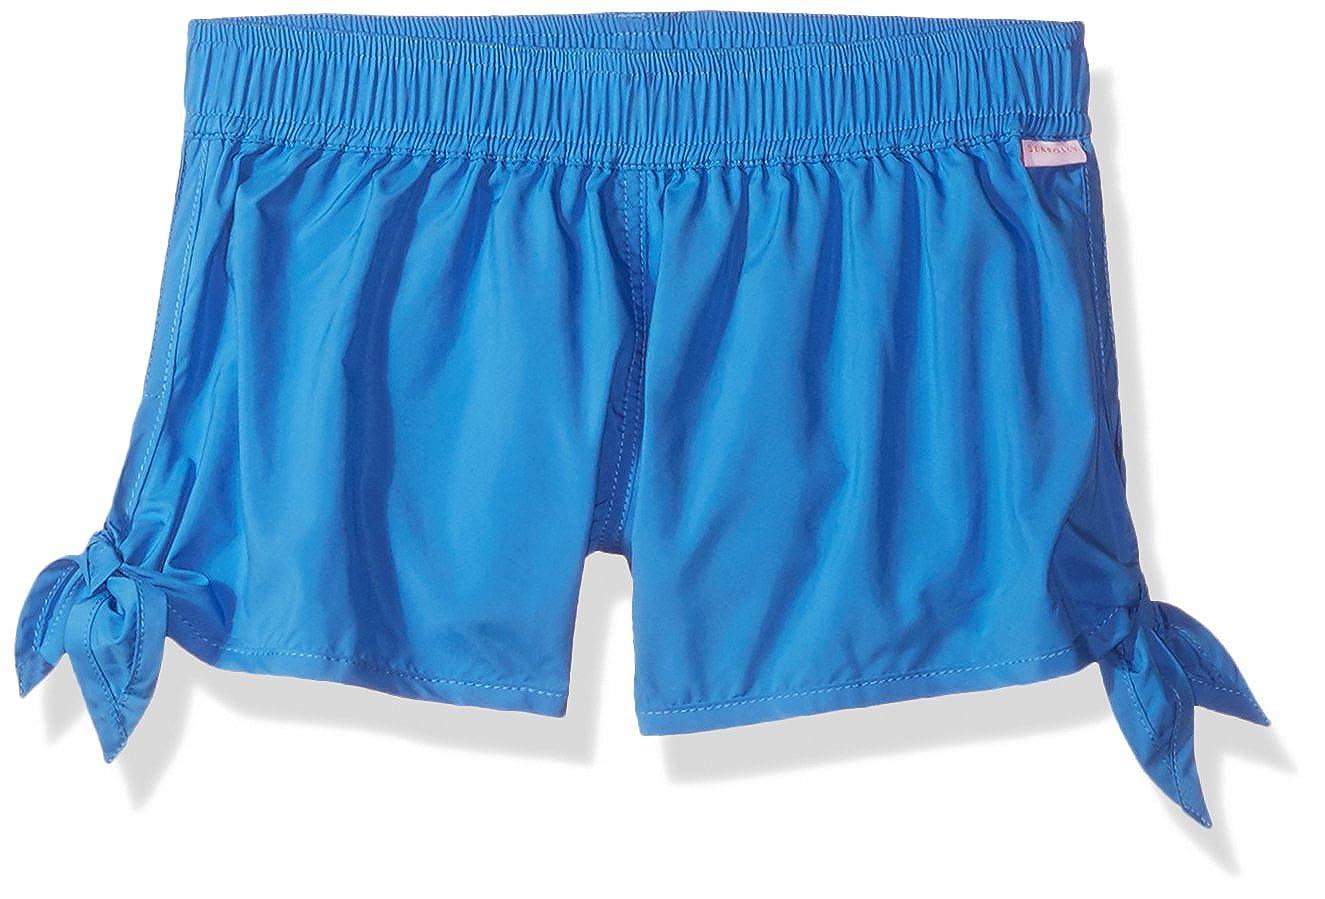 Seafolly Girls' Big Tie Side Boardie Swimsuit 56396